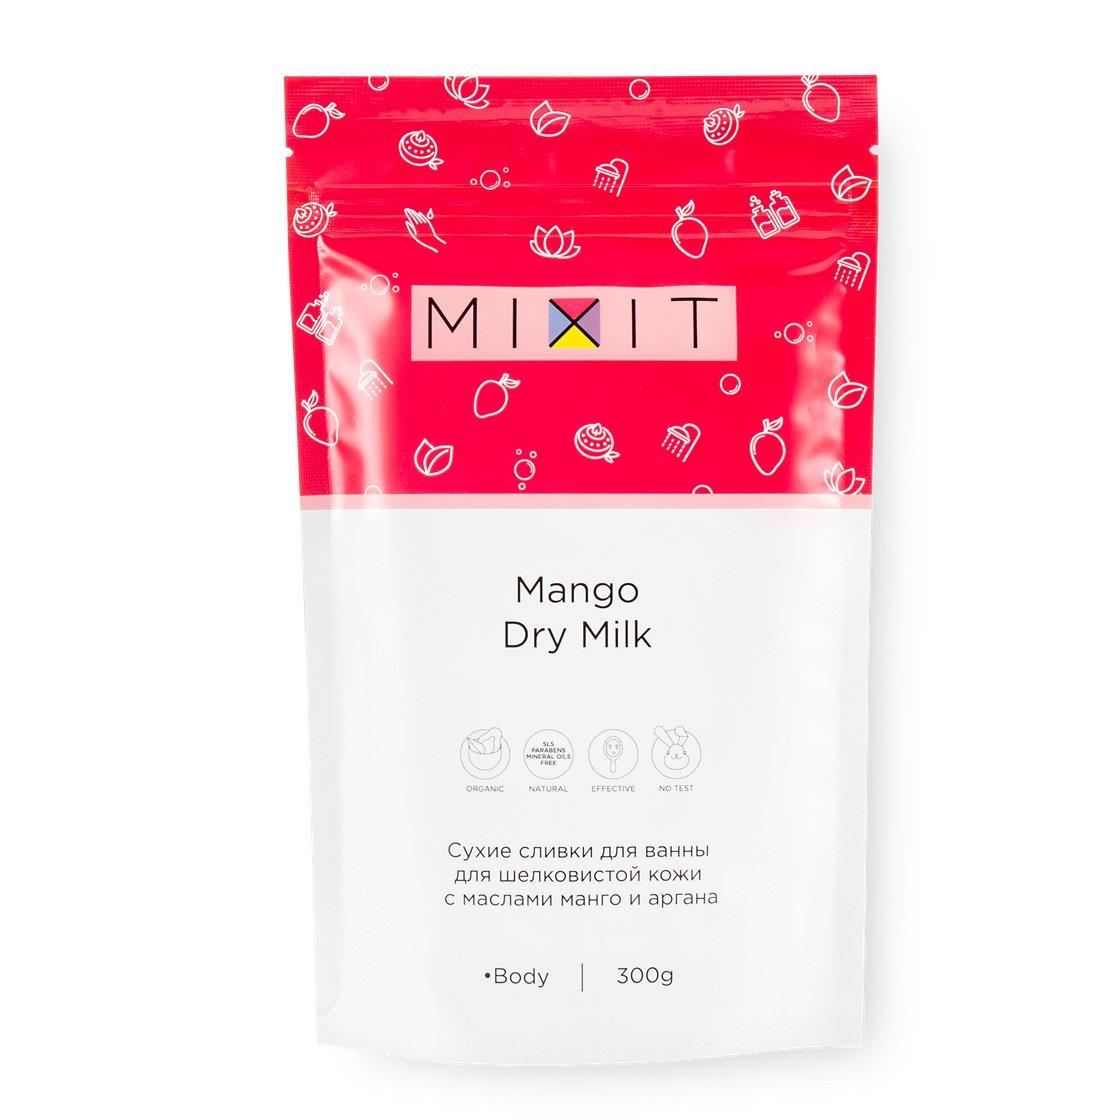 Нежные сливки для ванной с комплексом витамонов и ароматом манго Dry Milk Mango